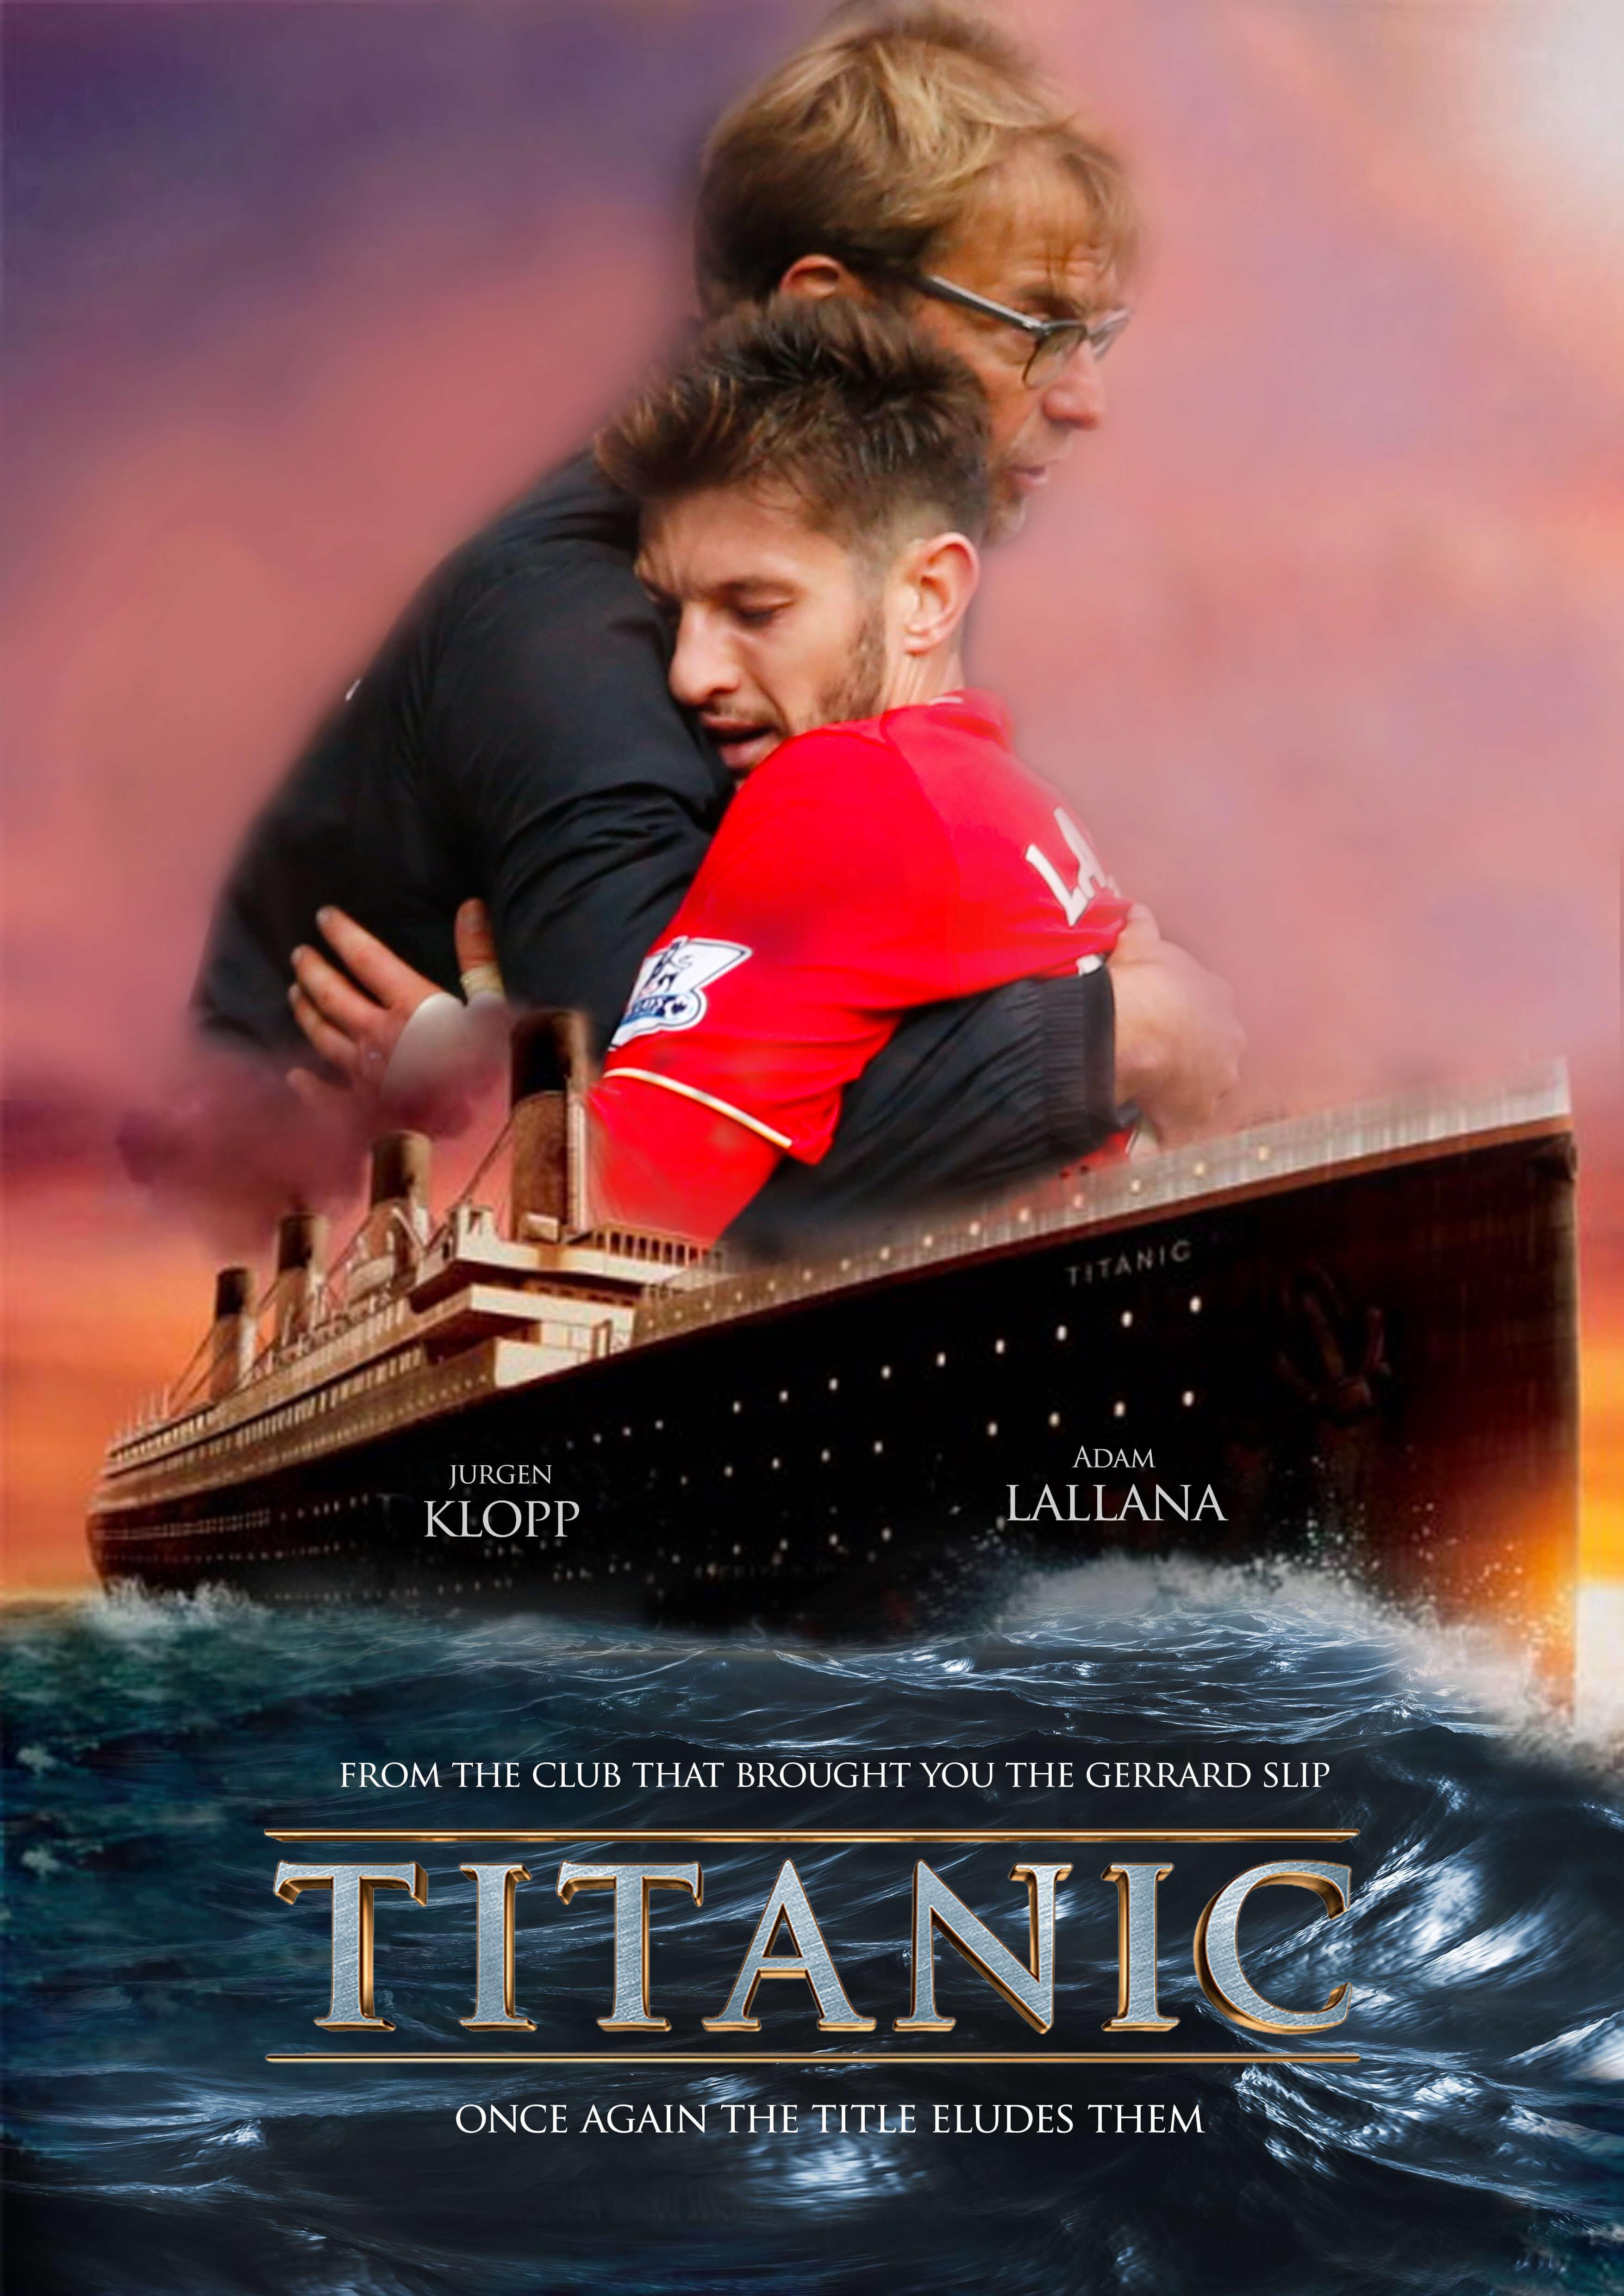 Enhanced Bets Premier League Oscar Nominations - Titanic